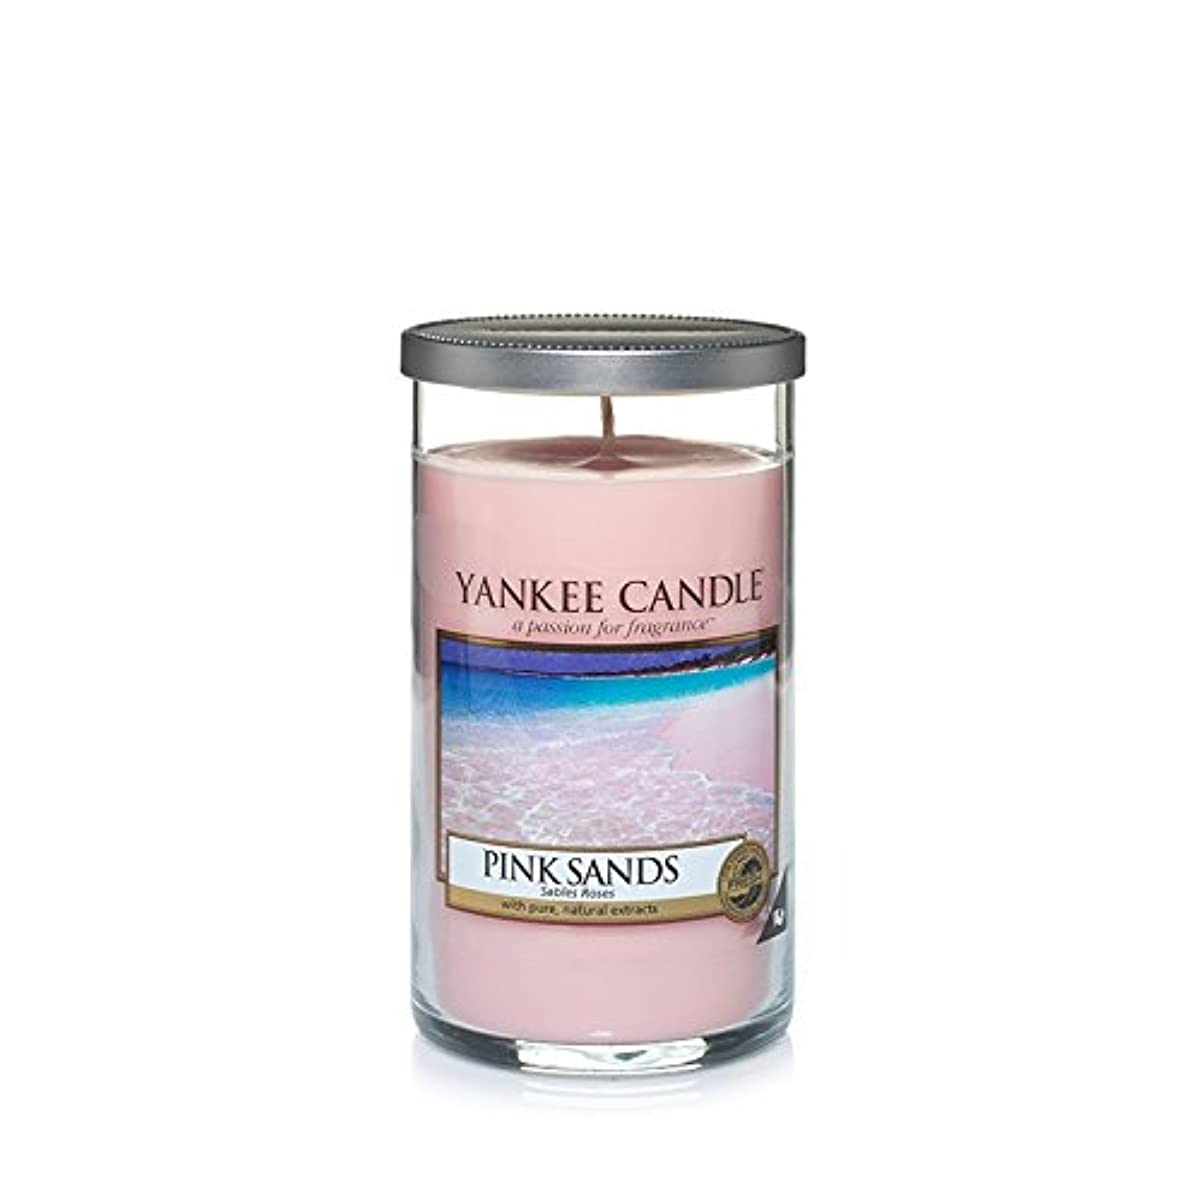 ベーシック議題ラフトYankee Candles Medium Pillar Candle - Pink Sands? (Pack of 6) - ヤンキーキャンドルメディアピラーキャンドル - ピンクの砂? (x6) [並行輸入品]